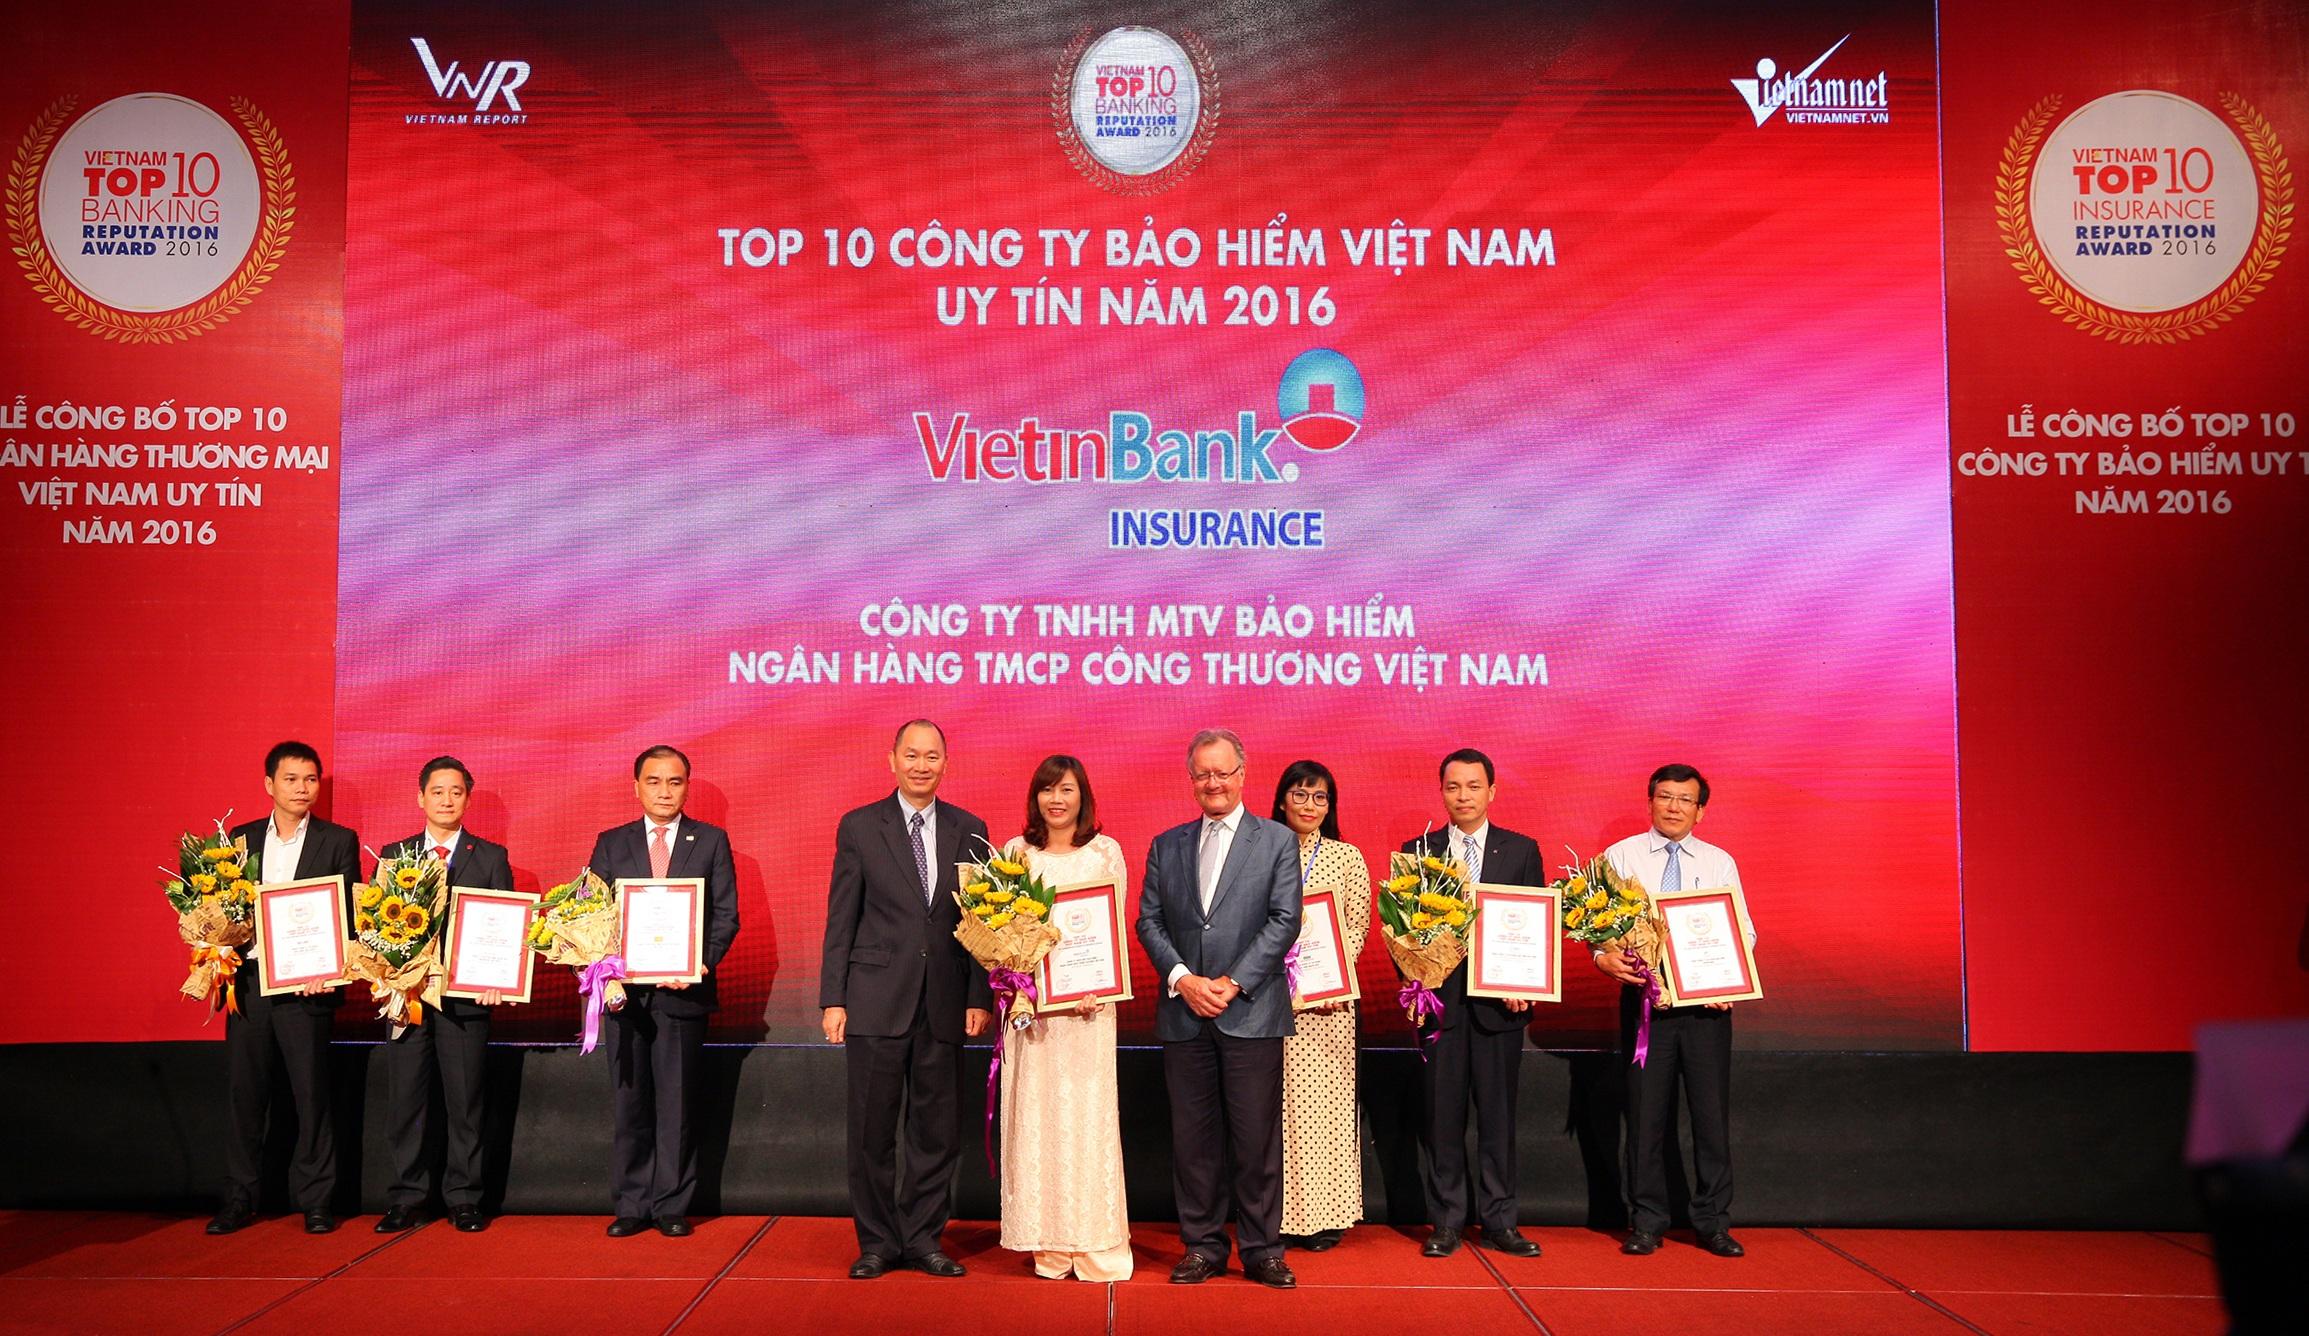 Top 10 công ty bảo hiểm uy tín nhất Việt Nam - 1